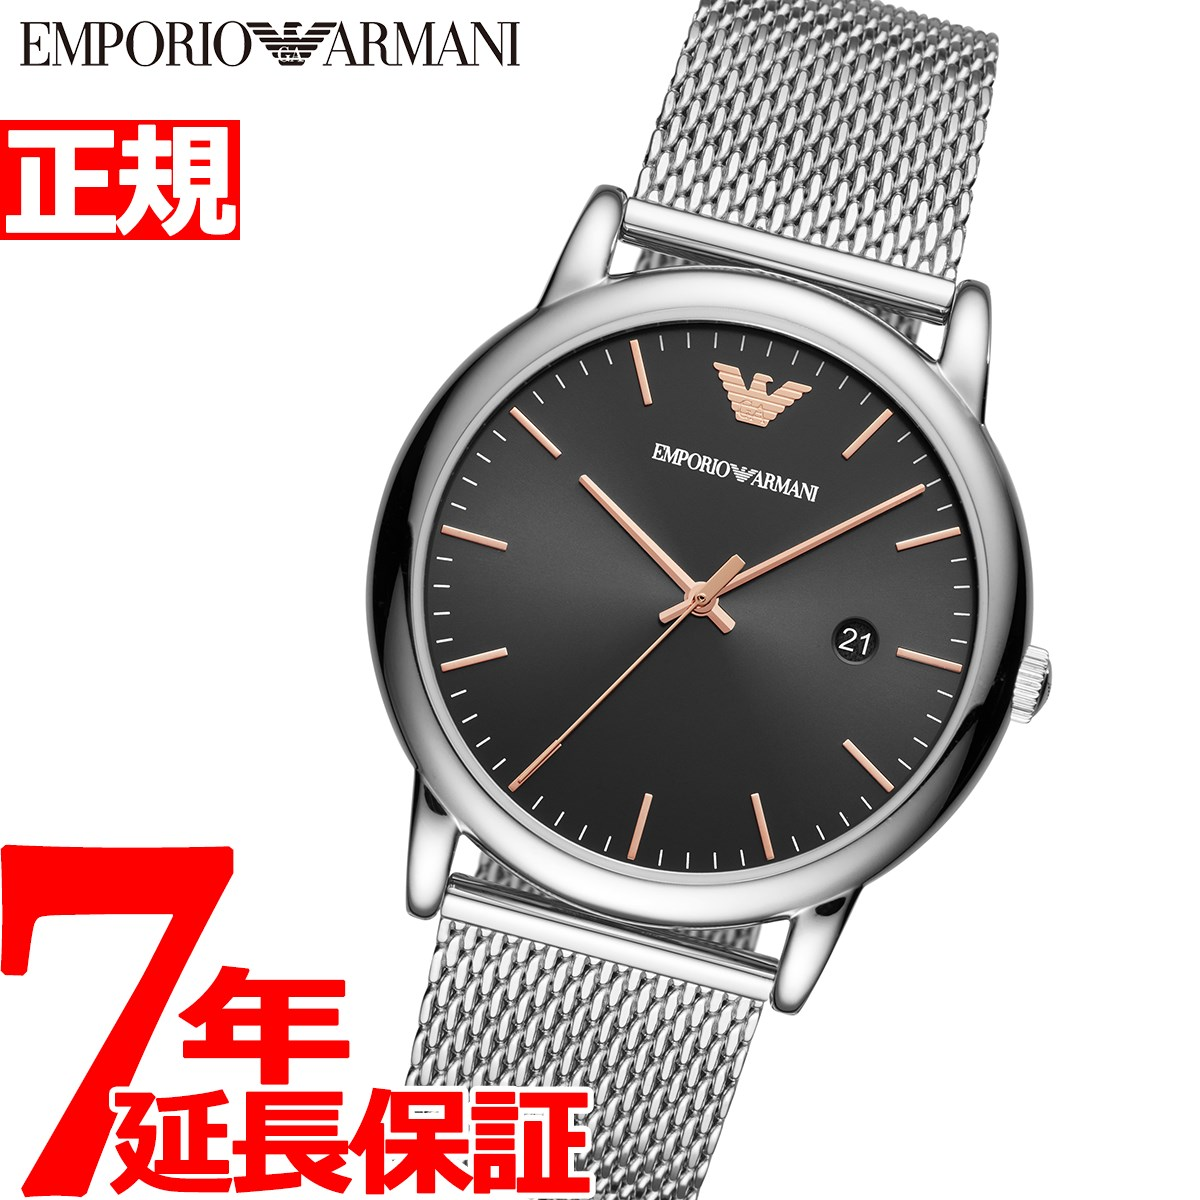 【5日0時~♪10%OFFクーポン&店内ポイント最大51倍!5日23時59分まで】エンポリオアルマーニ EMPORIO ARMANI 腕時計 メンズ AR11272